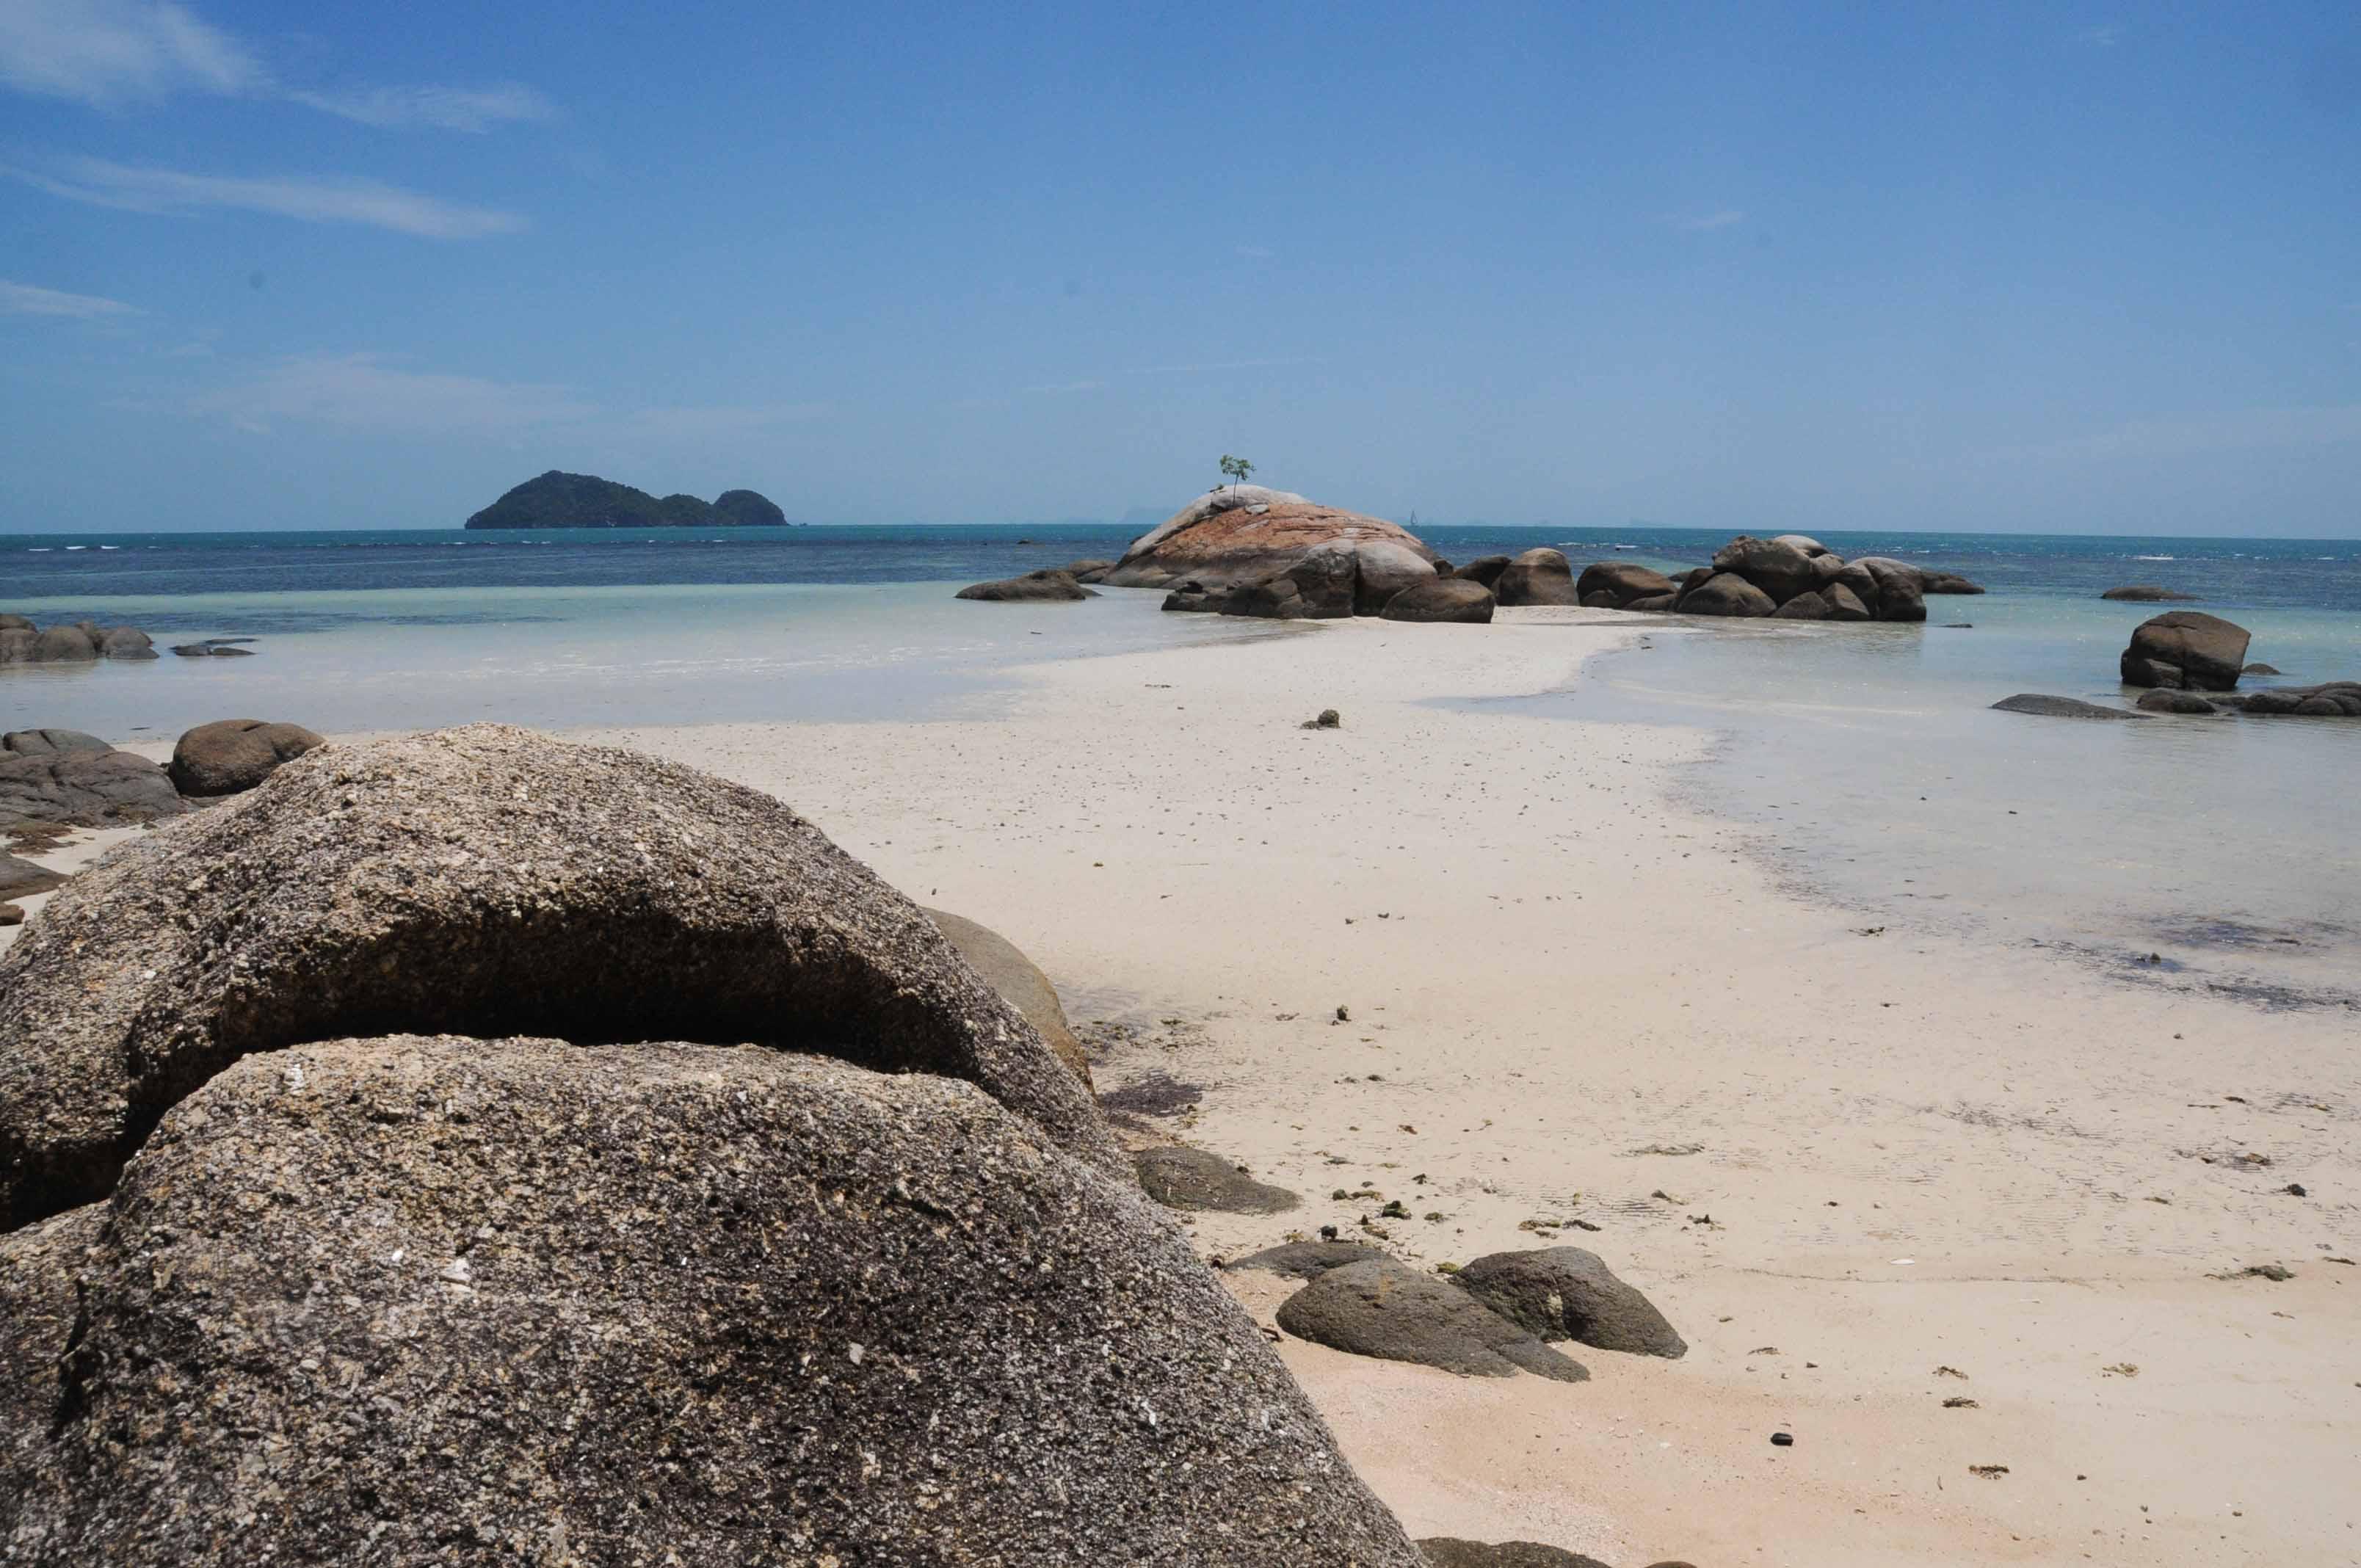 Iles en Thaïlande: Koh Tao, Koh Pha Ngan, Koh Yao Noï... des petits paradis sur terre!